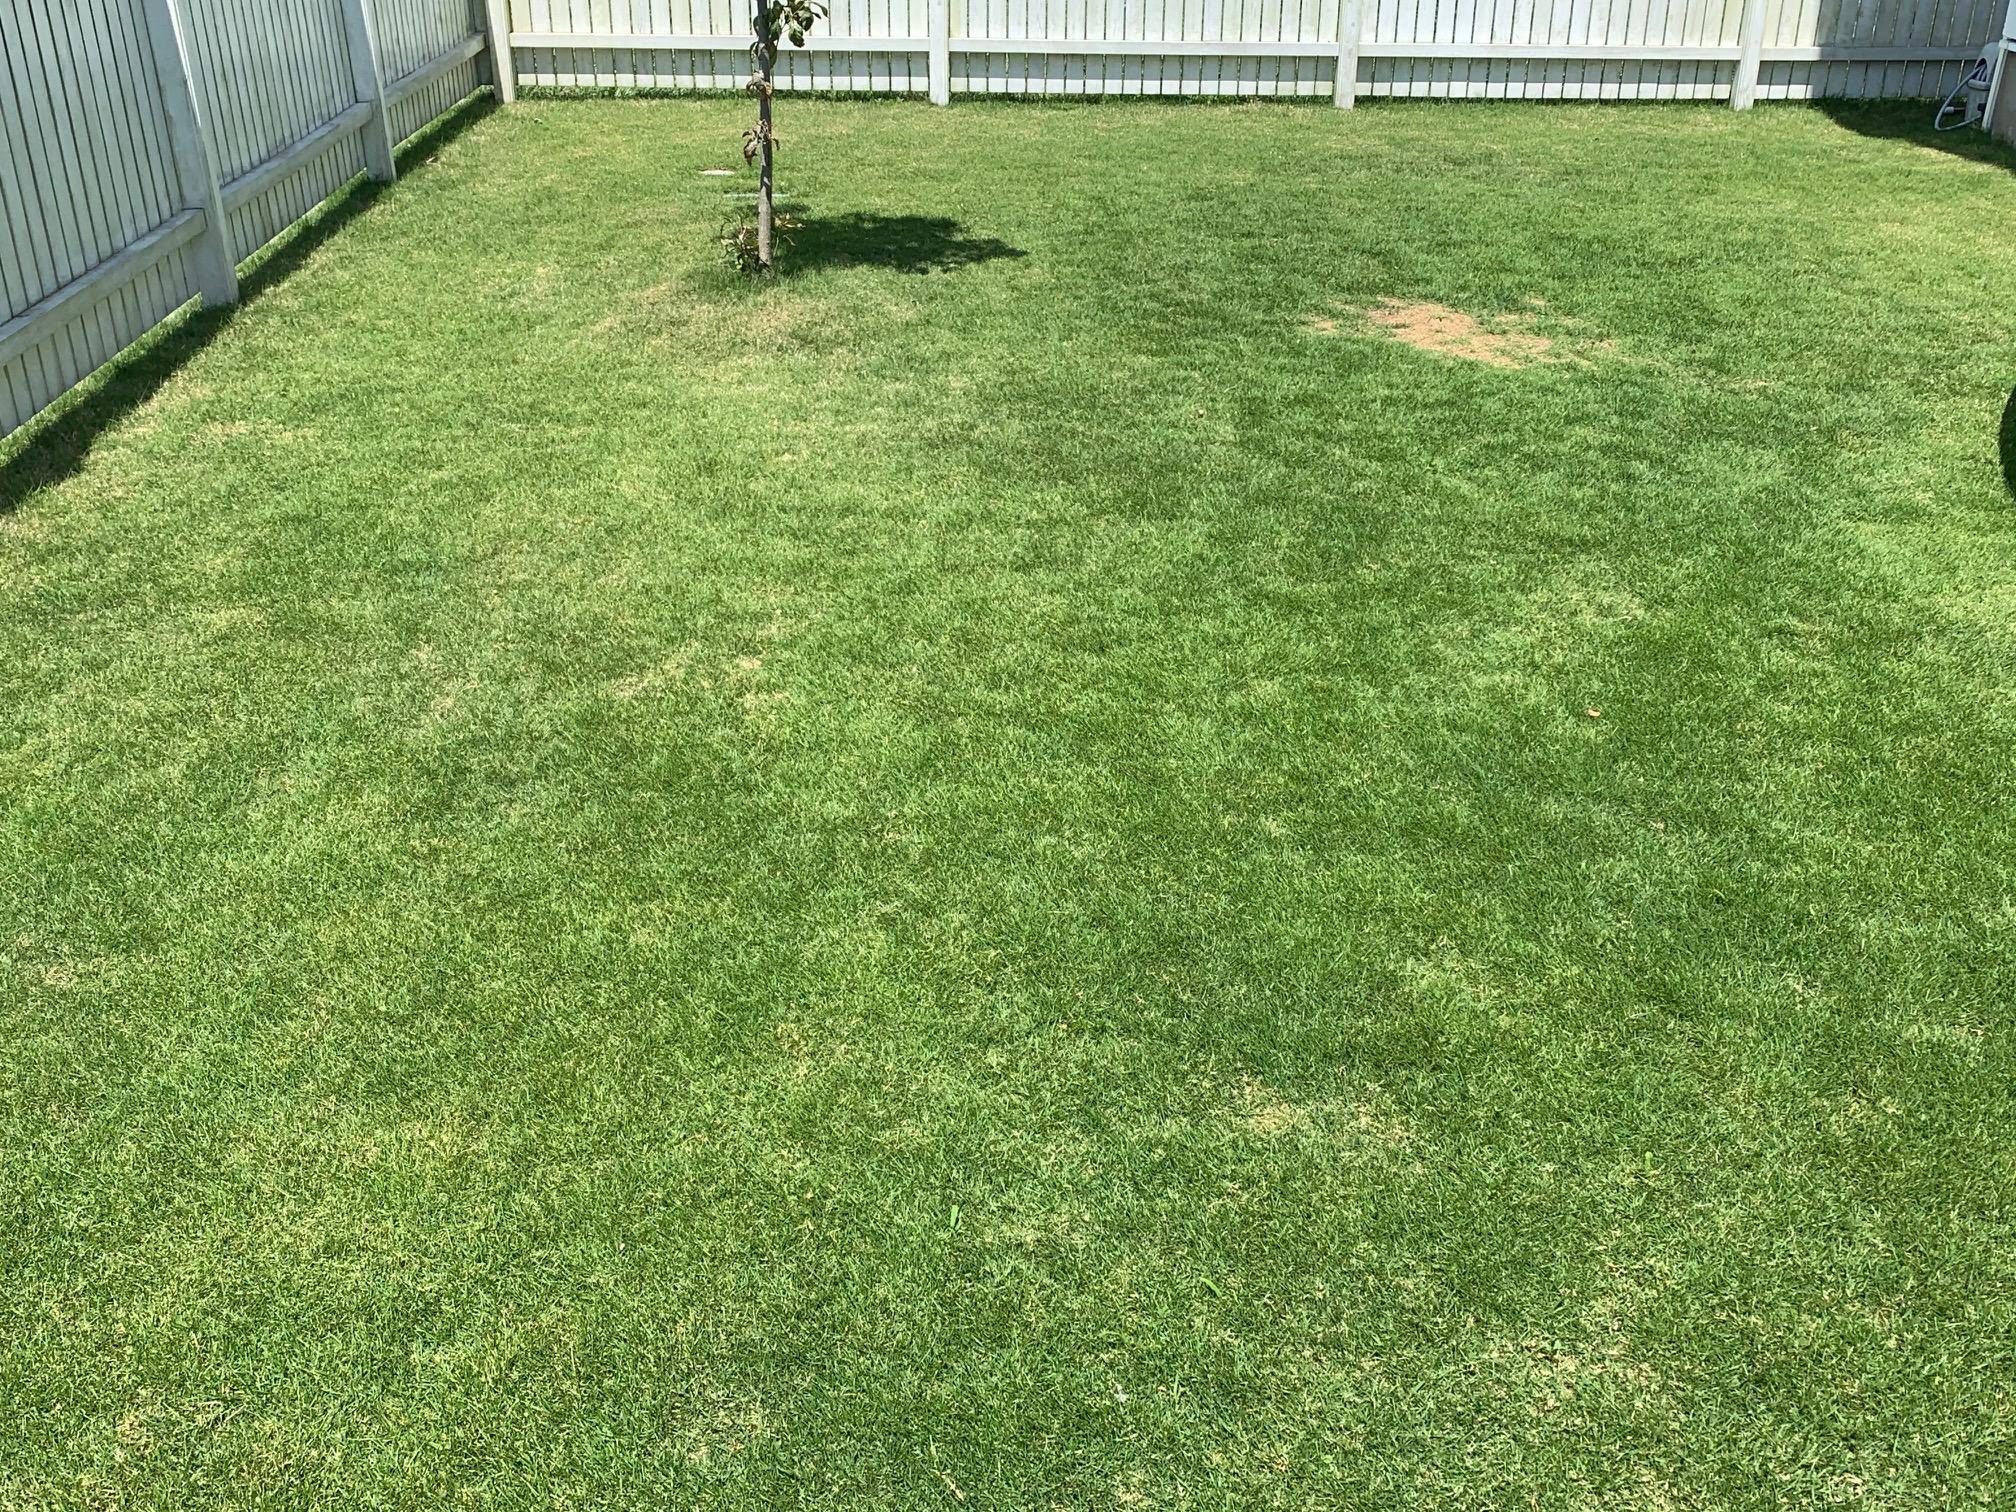 2021.06.03 芝生の状況